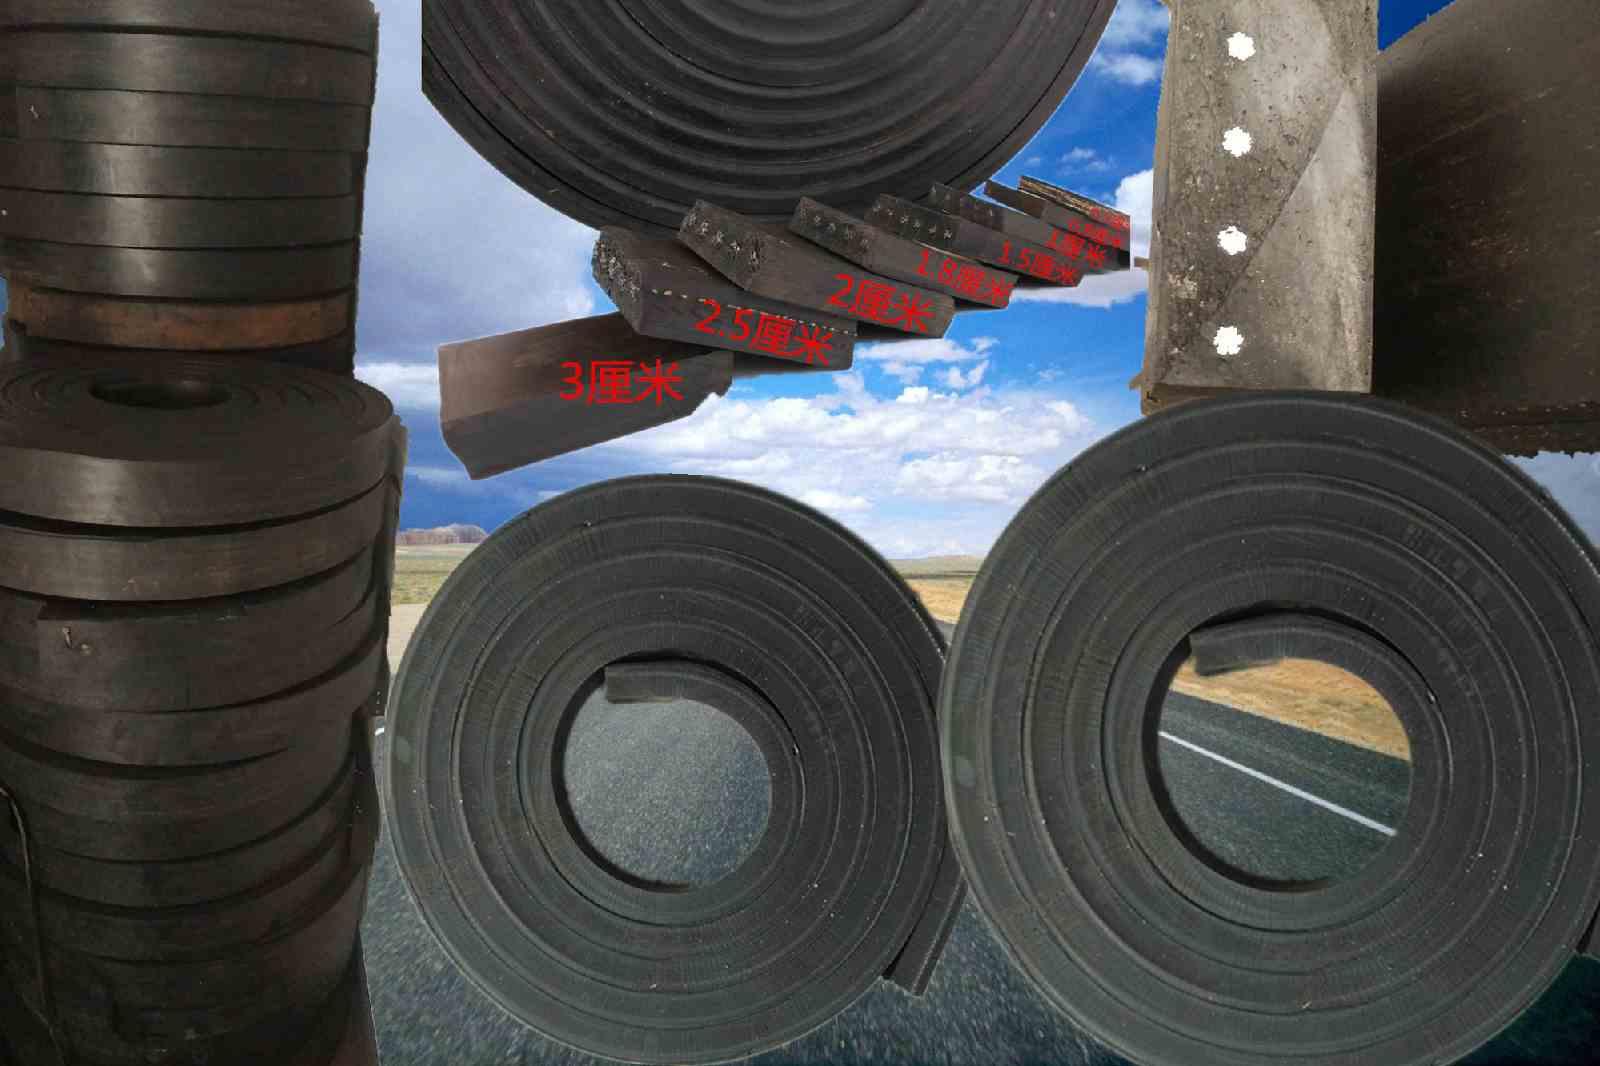 6.8米大梁橡胶垫货车大梁垫车厢减震垫橡胶垫皮9.6米钢丝大梁垫